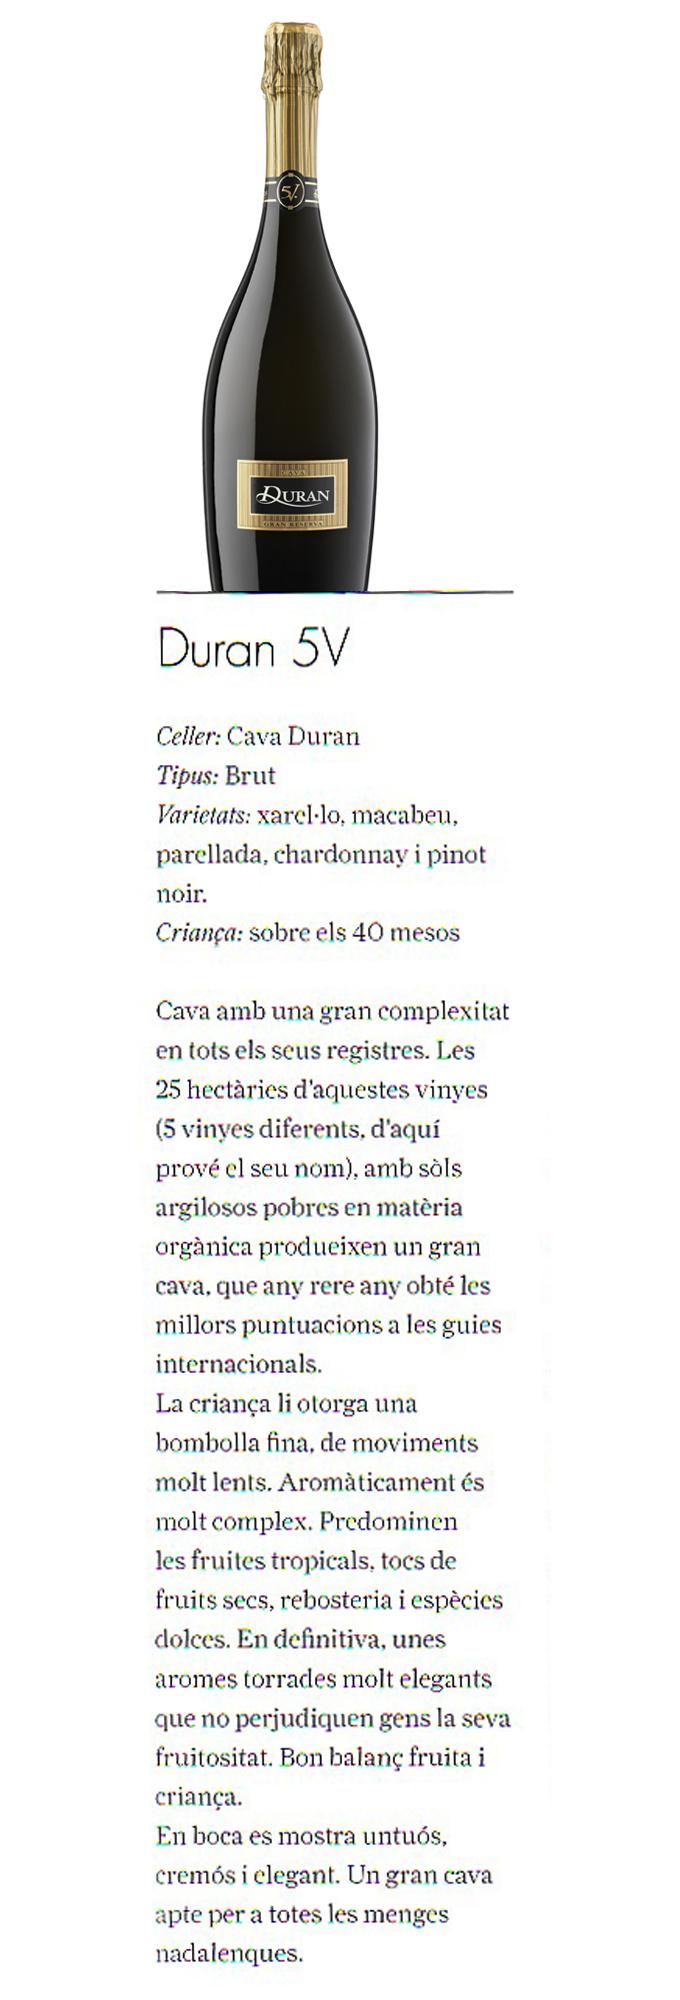 Cupatges - Duran 5V Gran Reserva - Diciembre 2010